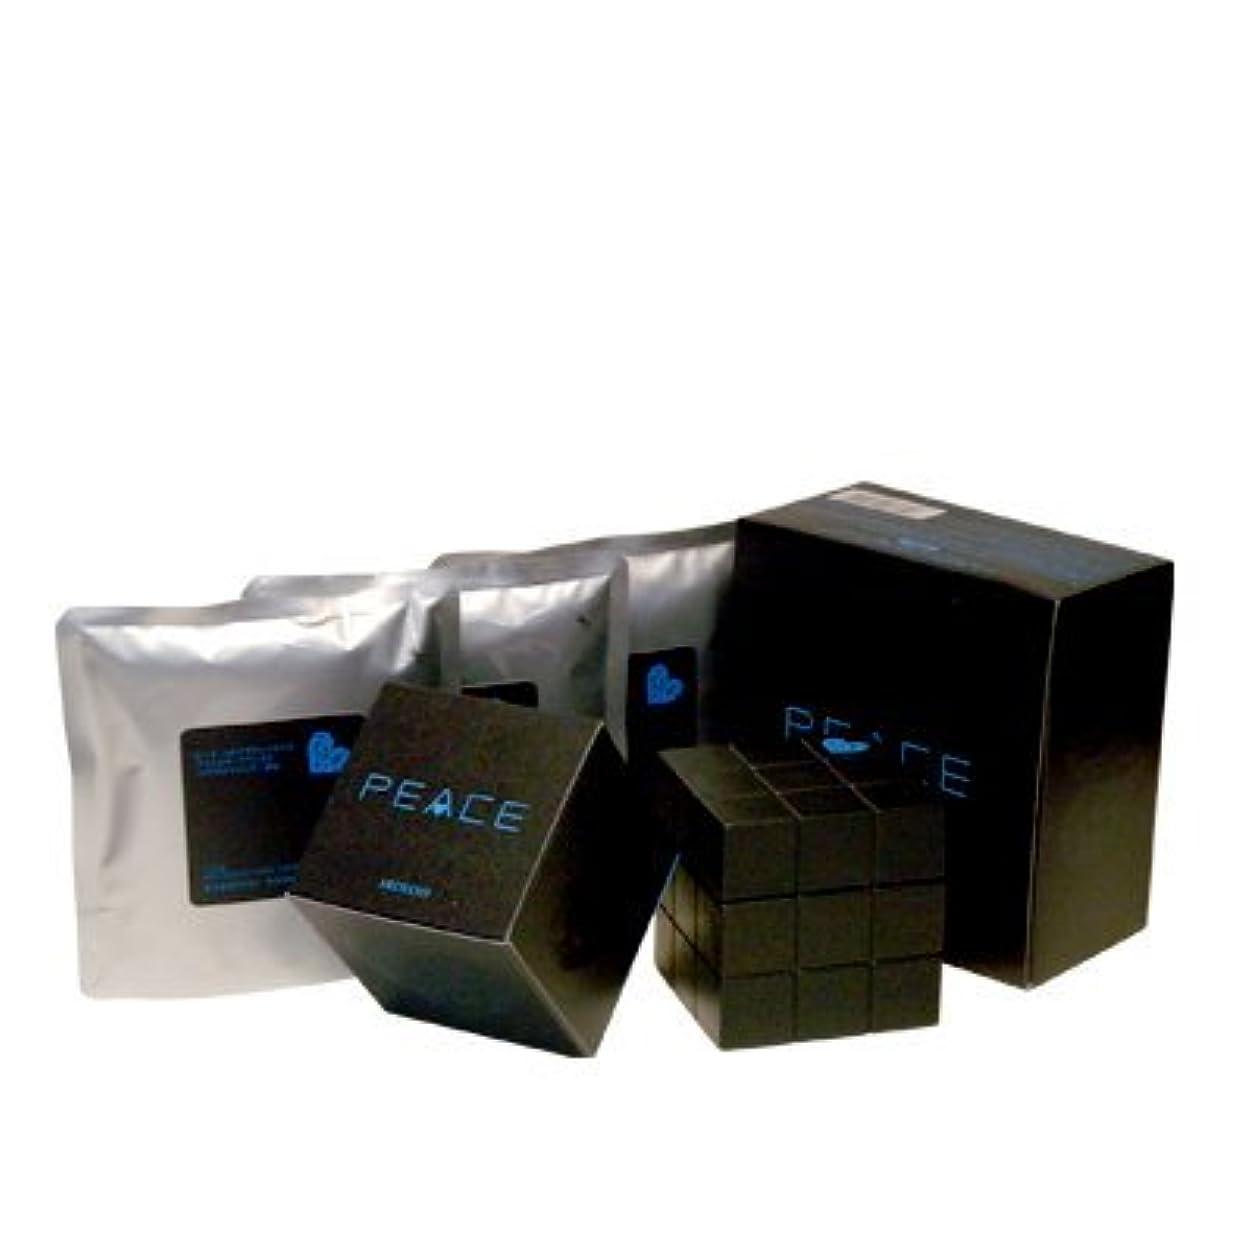 反抗メモあらゆる種類のアリミノ ピース プロデザインシリーズ フリーズキープワックス ブラック80g+詰め替え80g×3